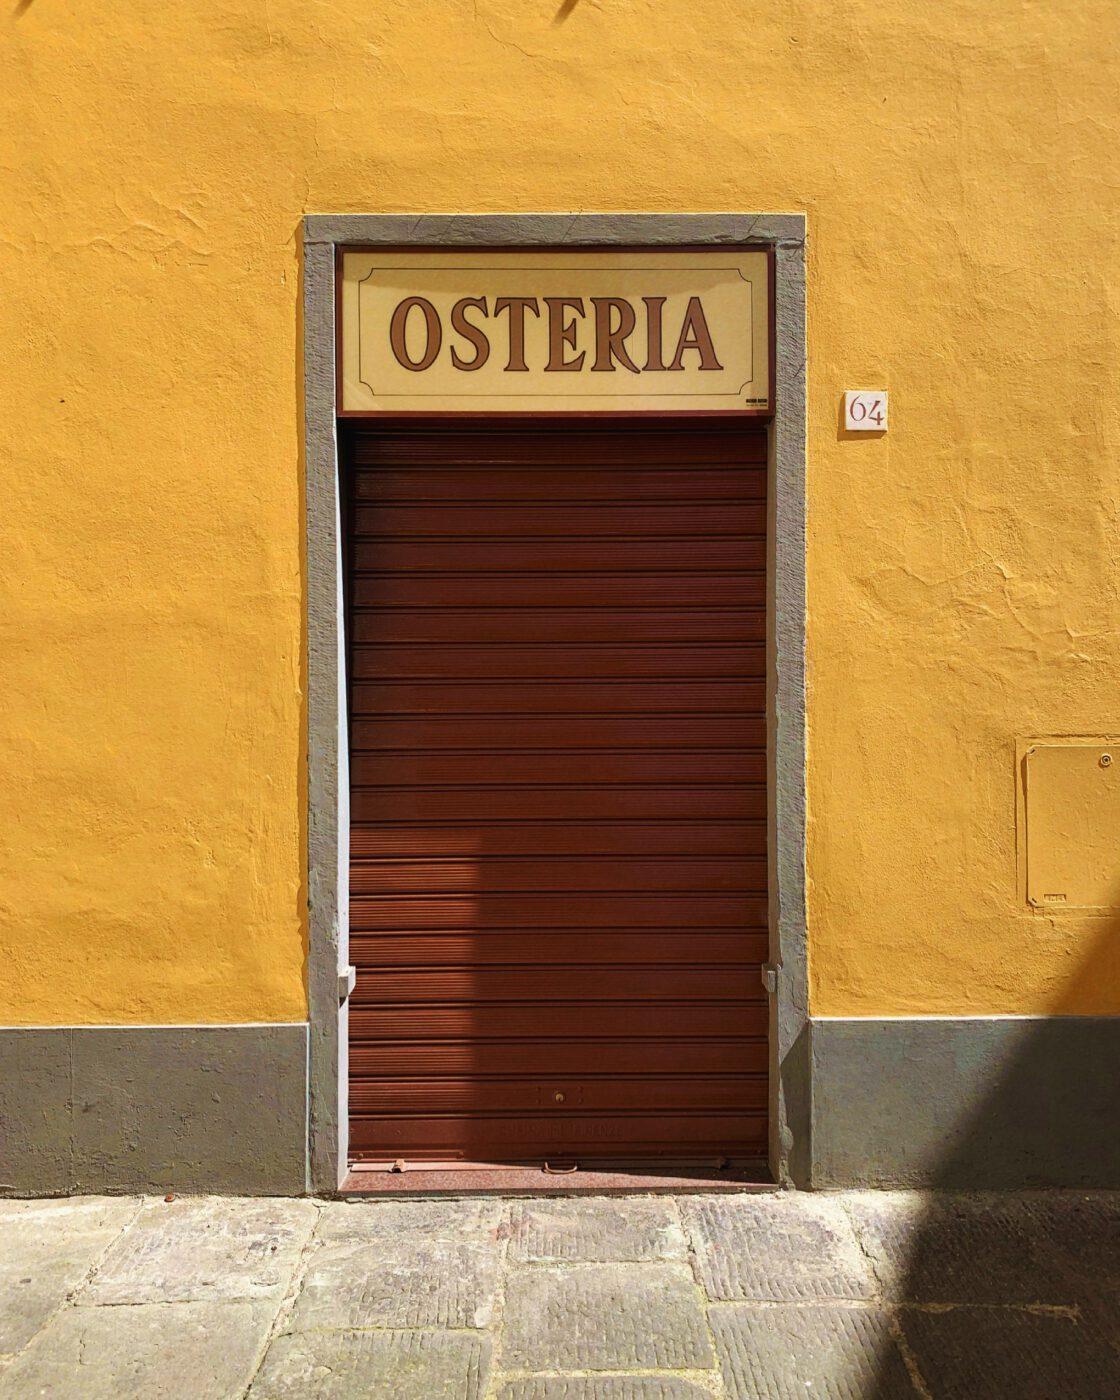 Osteria Fiorentina